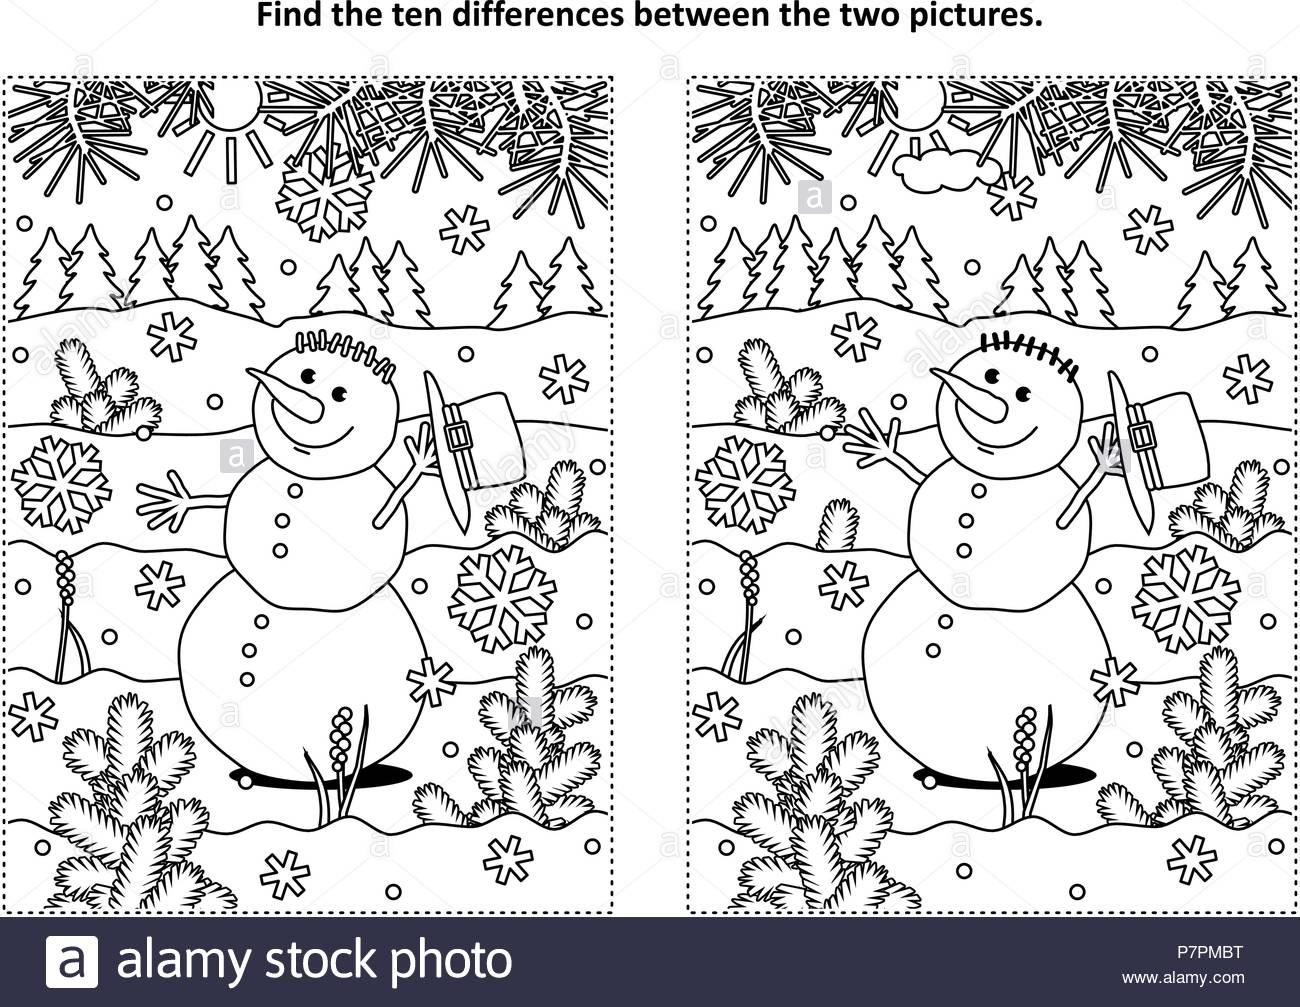 Vacances D'hiver, Le Nouvel An Ou À Thème De Noël Trouver encequiconcerne Trouver Les Difference